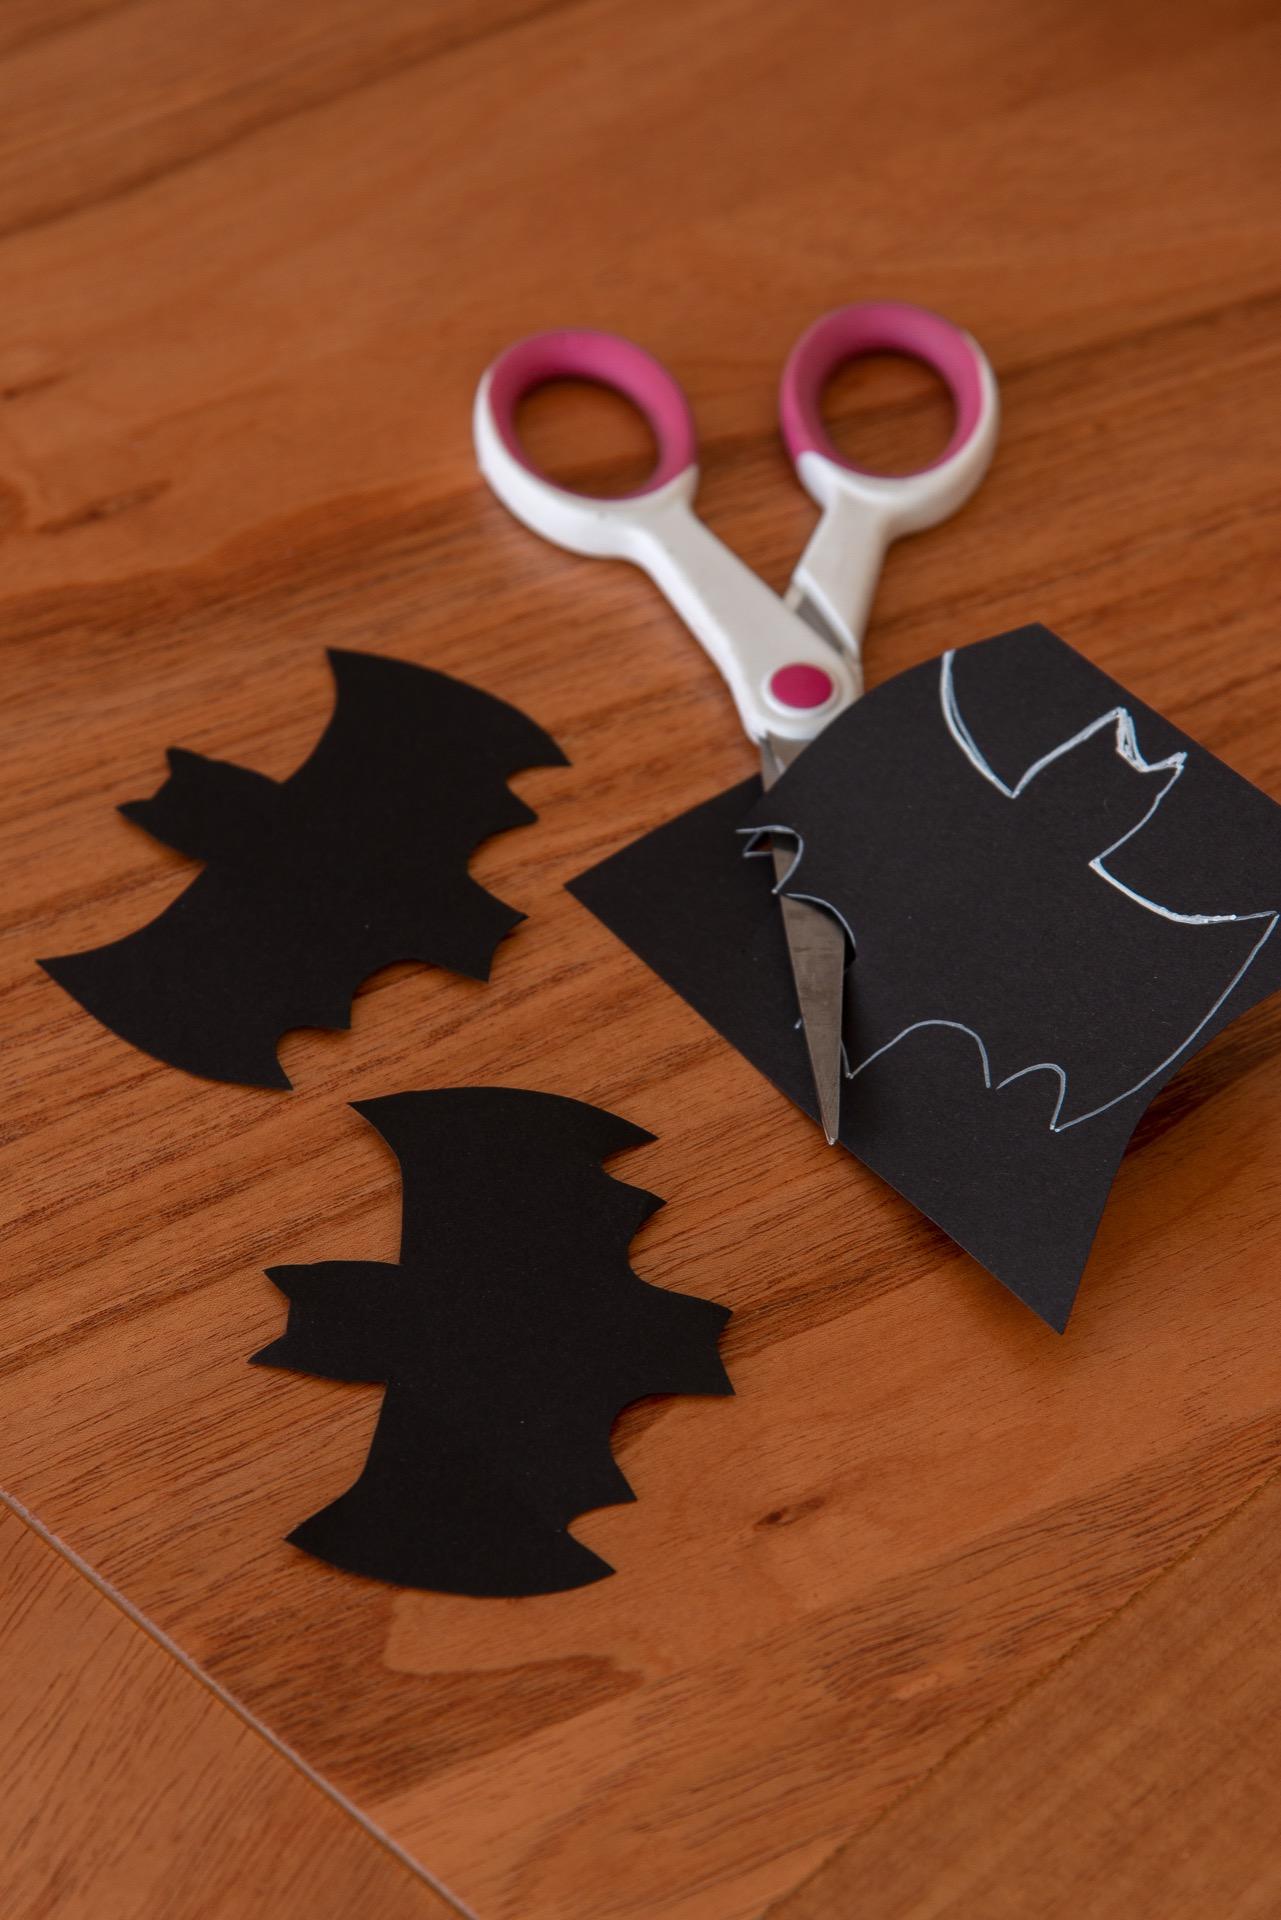 Imagem: Passo 3: recorte os morcegos.Foto: Cacá Bratke